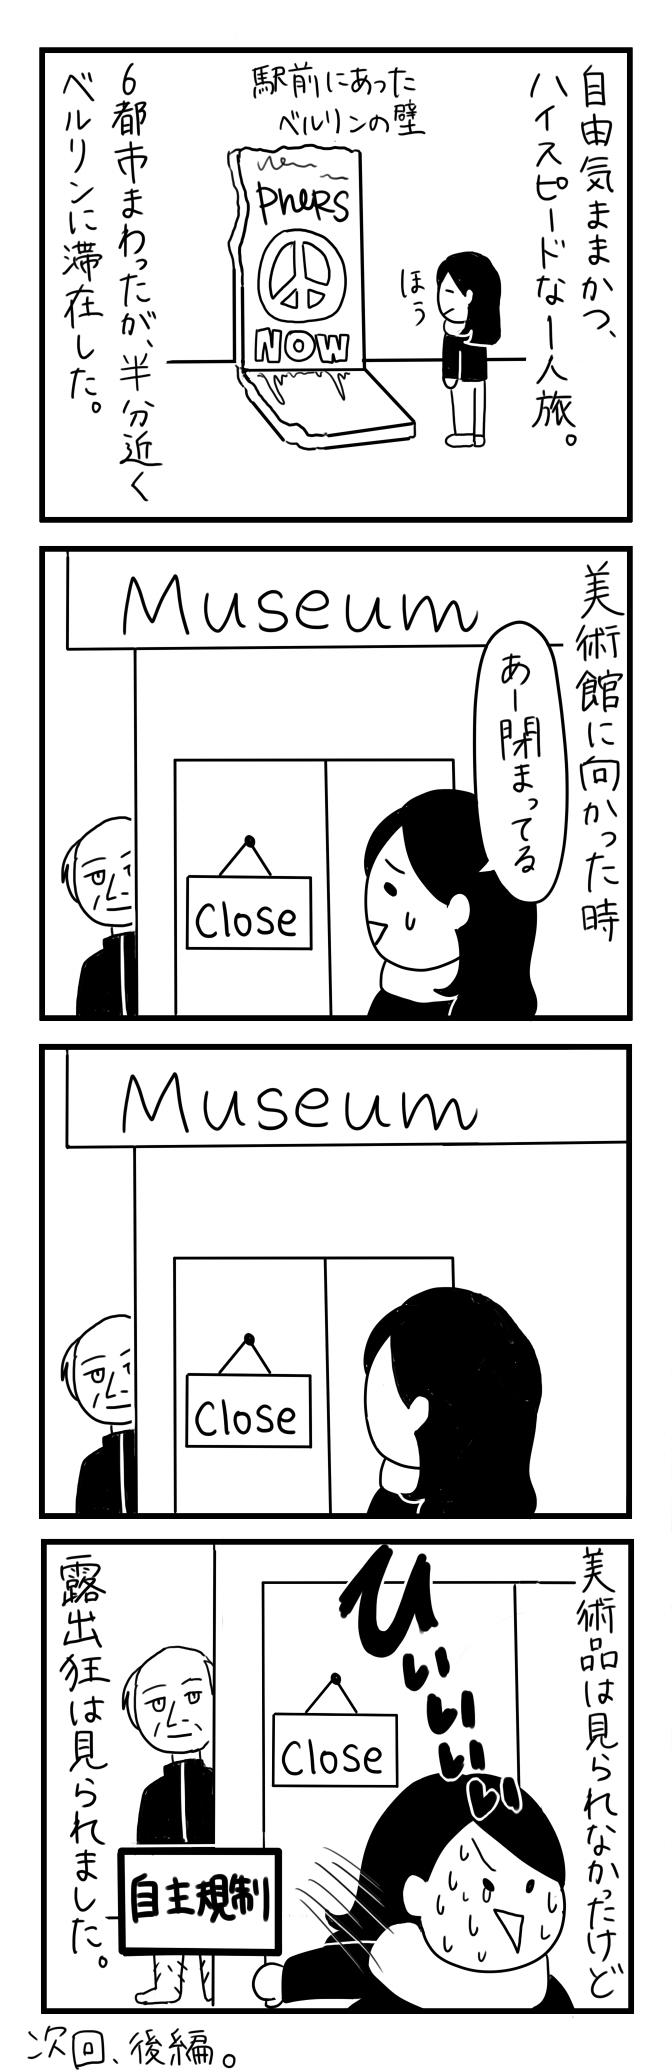 【4コマ漫画】第11回「ビクトリアな日々」作:ビクトリアブラディーヌ